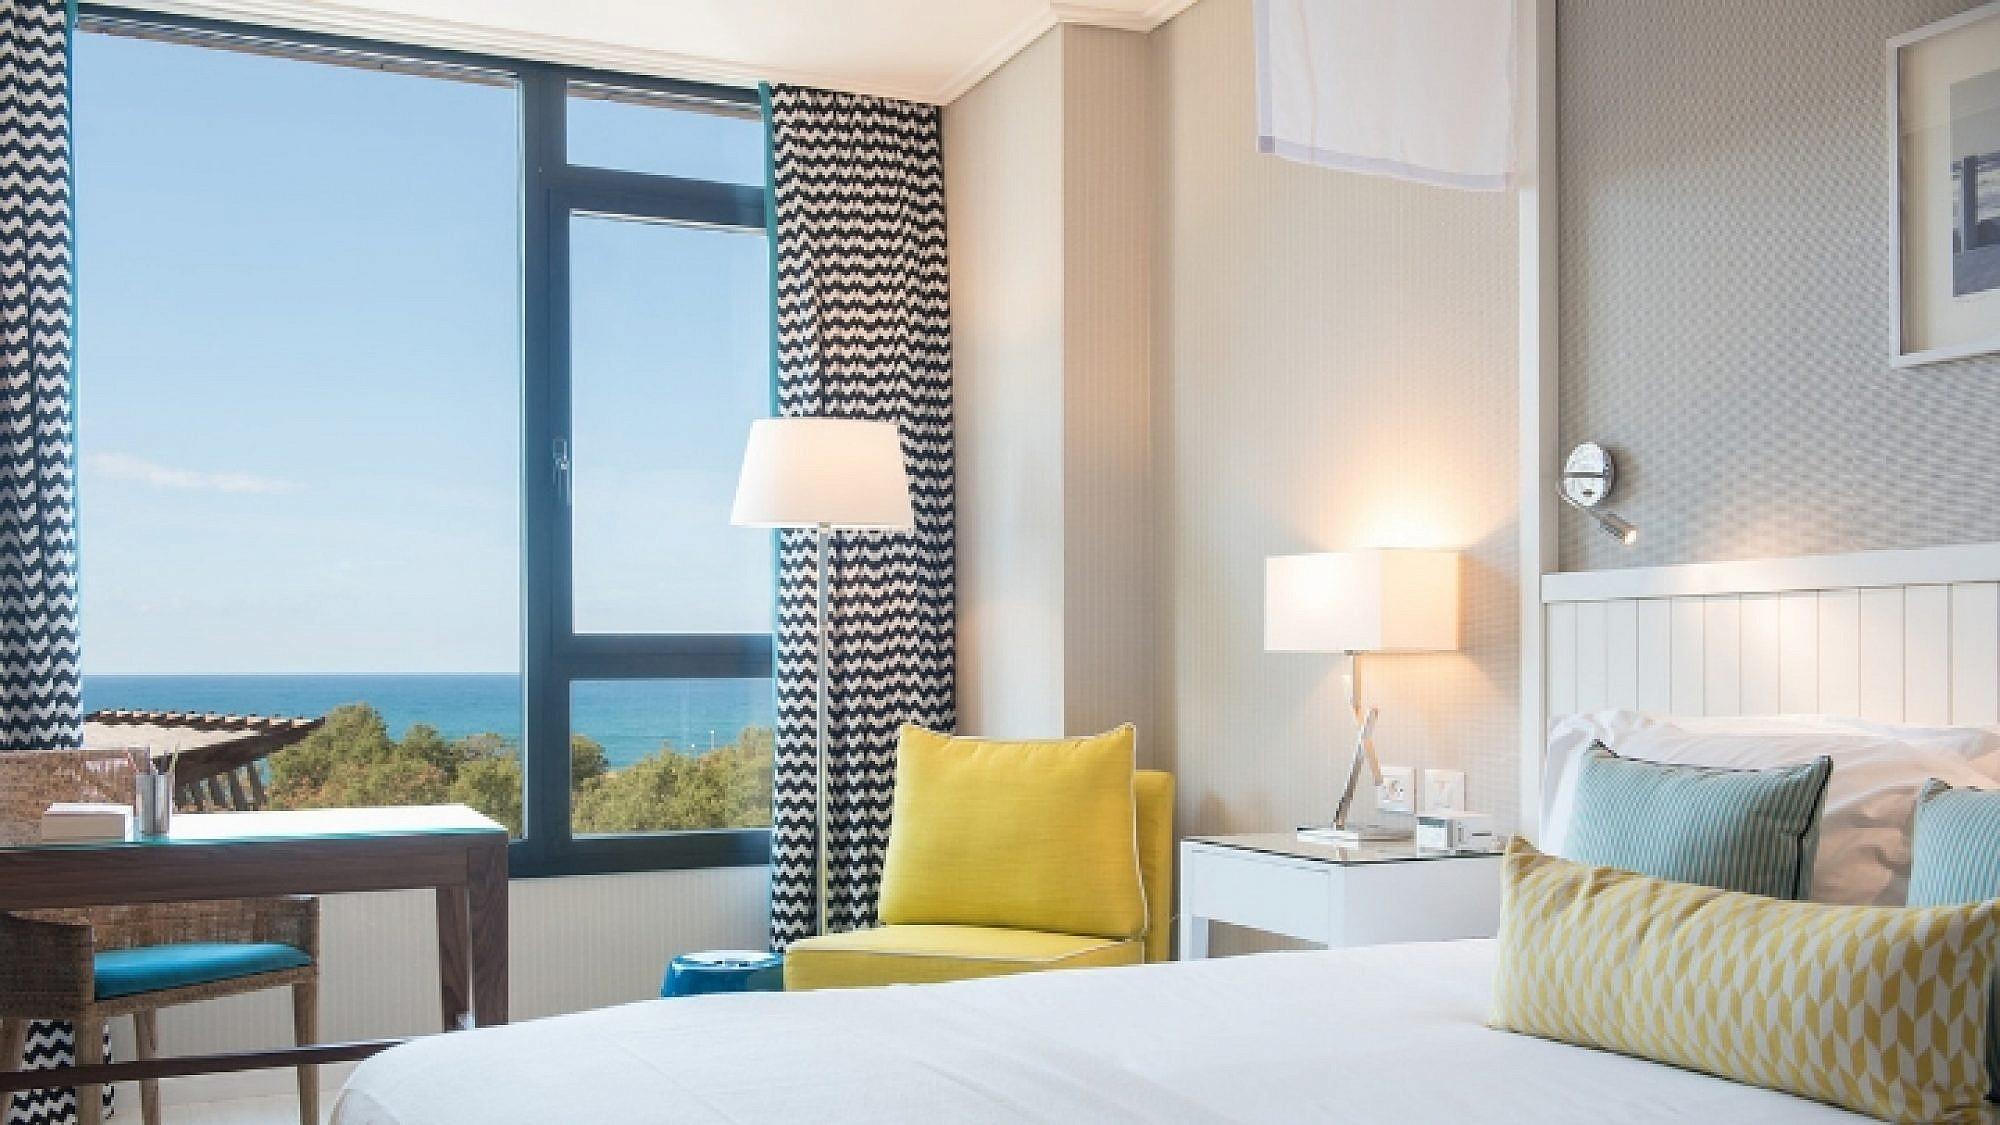 מלון מלודי בתל אביב   צילום: סיון אסקיו